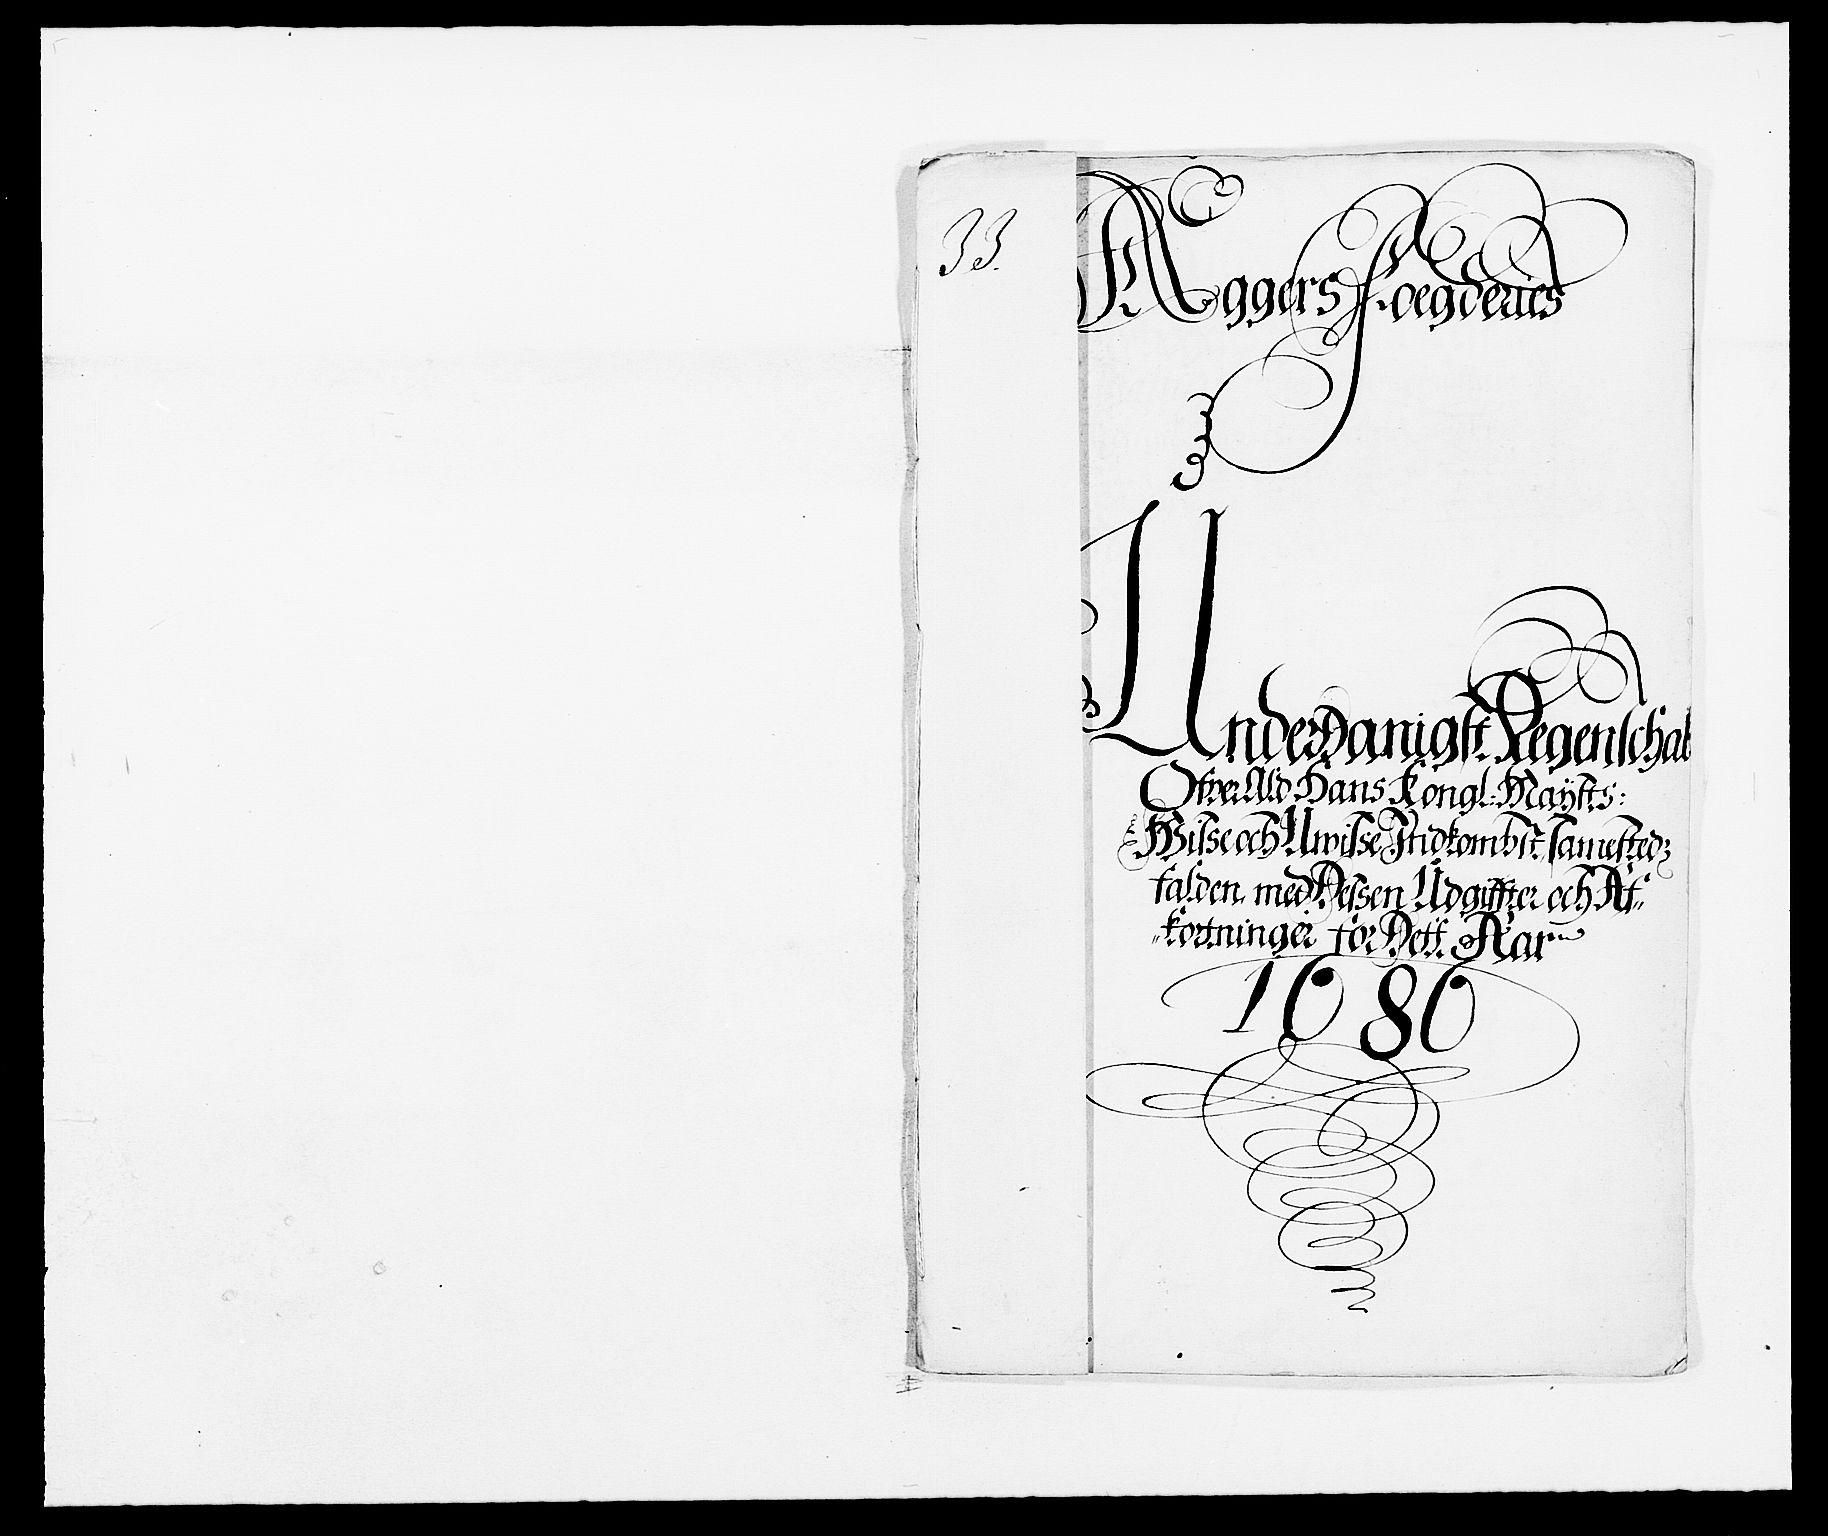 RA, Rentekammeret inntil 1814, Reviderte regnskaper, Fogderegnskap, R08/L0422: Fogderegnskap Aker, 1684-1686, s. 2